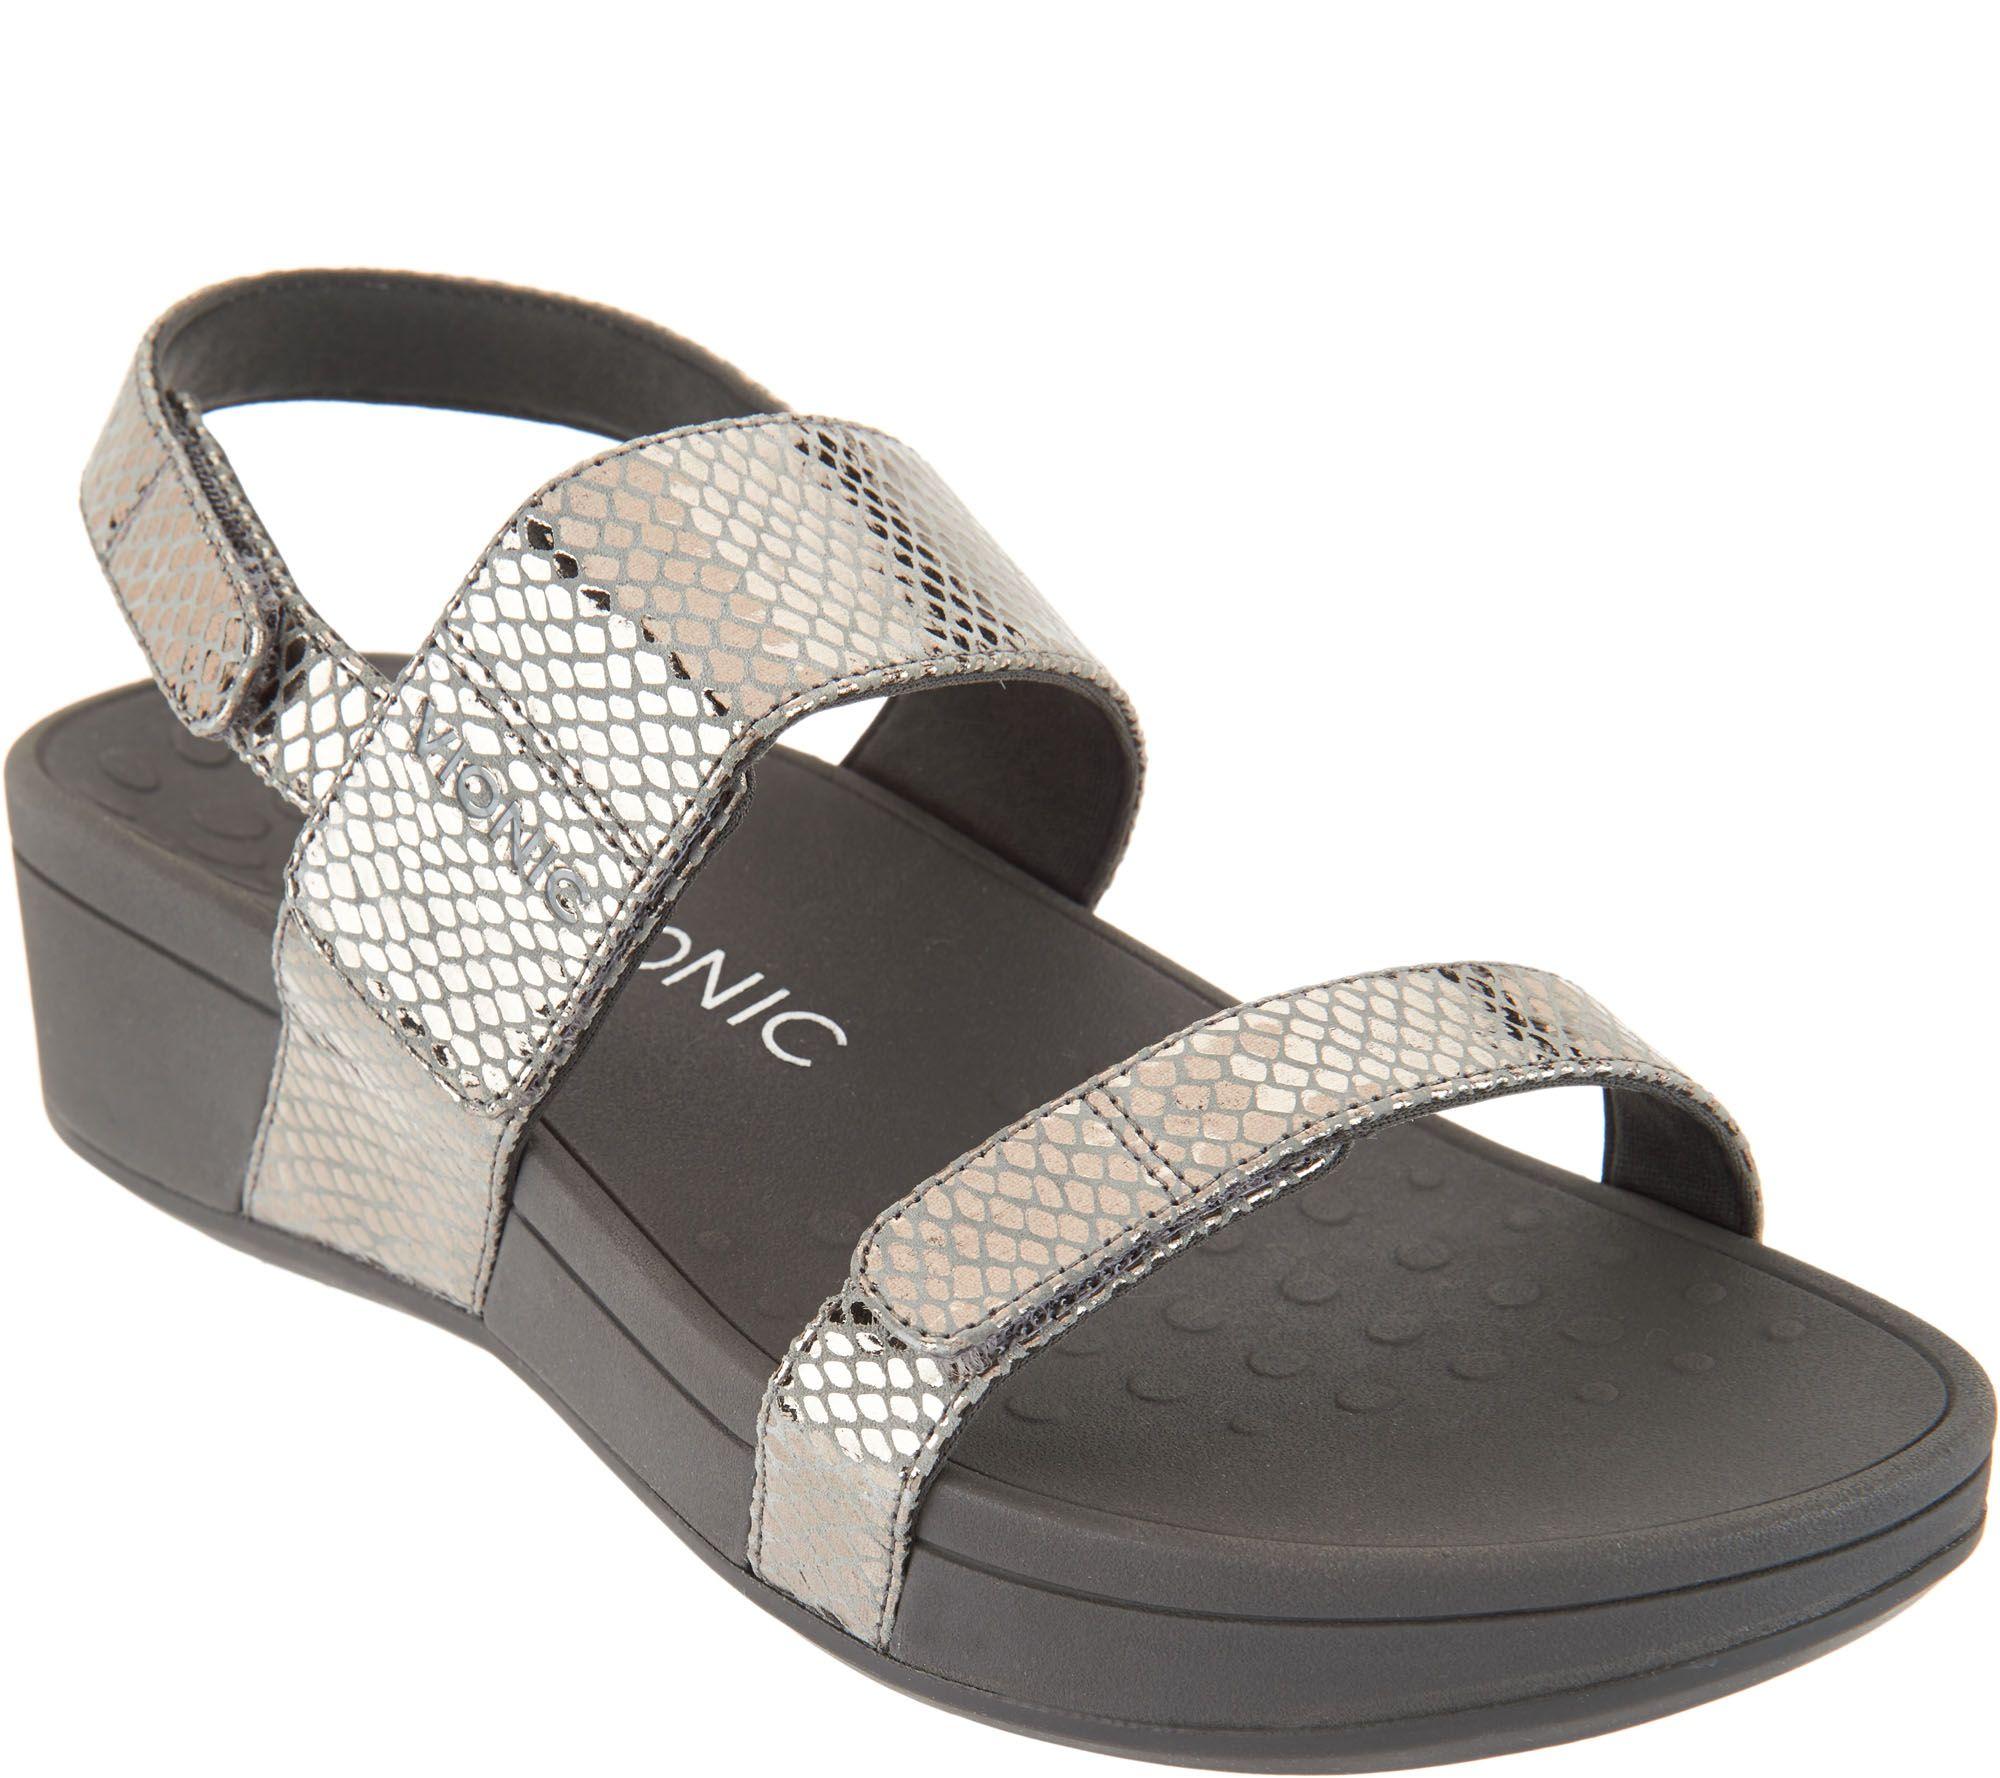 7ff44d25c2a3 Vionic Platform Leather Sandals - Bolinas - Page 1 — QVC.com